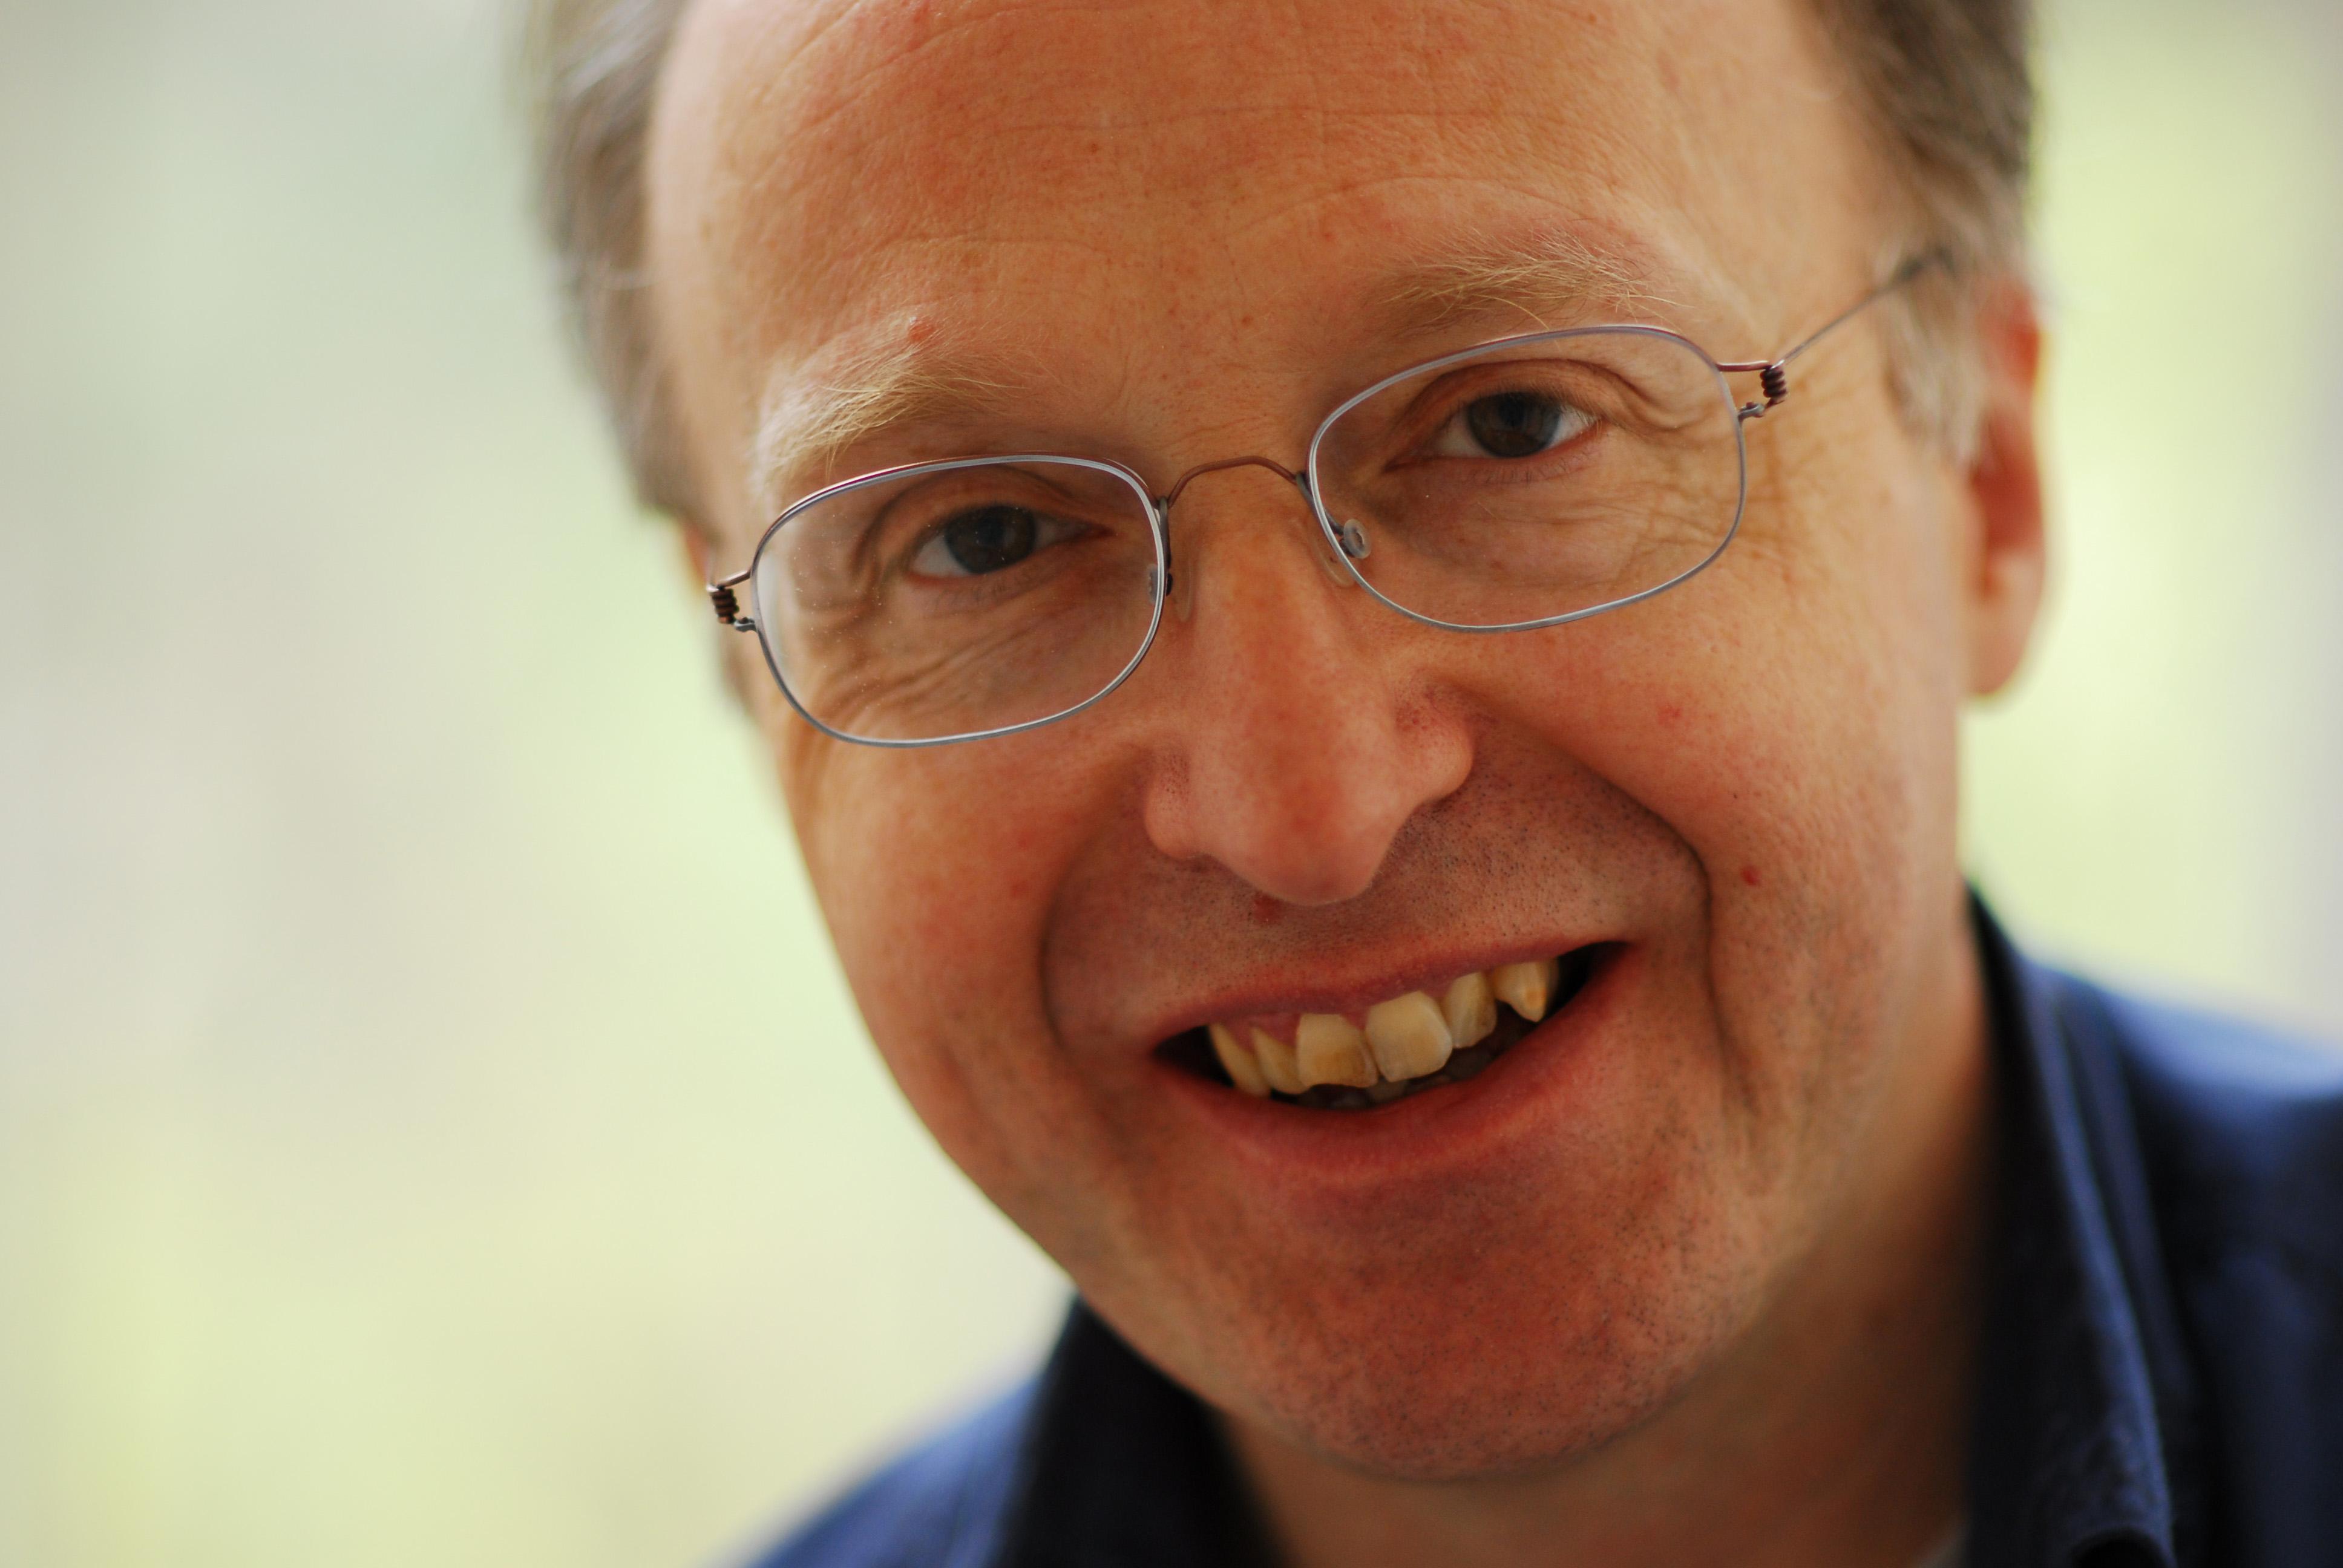 Professor Clive Robinson